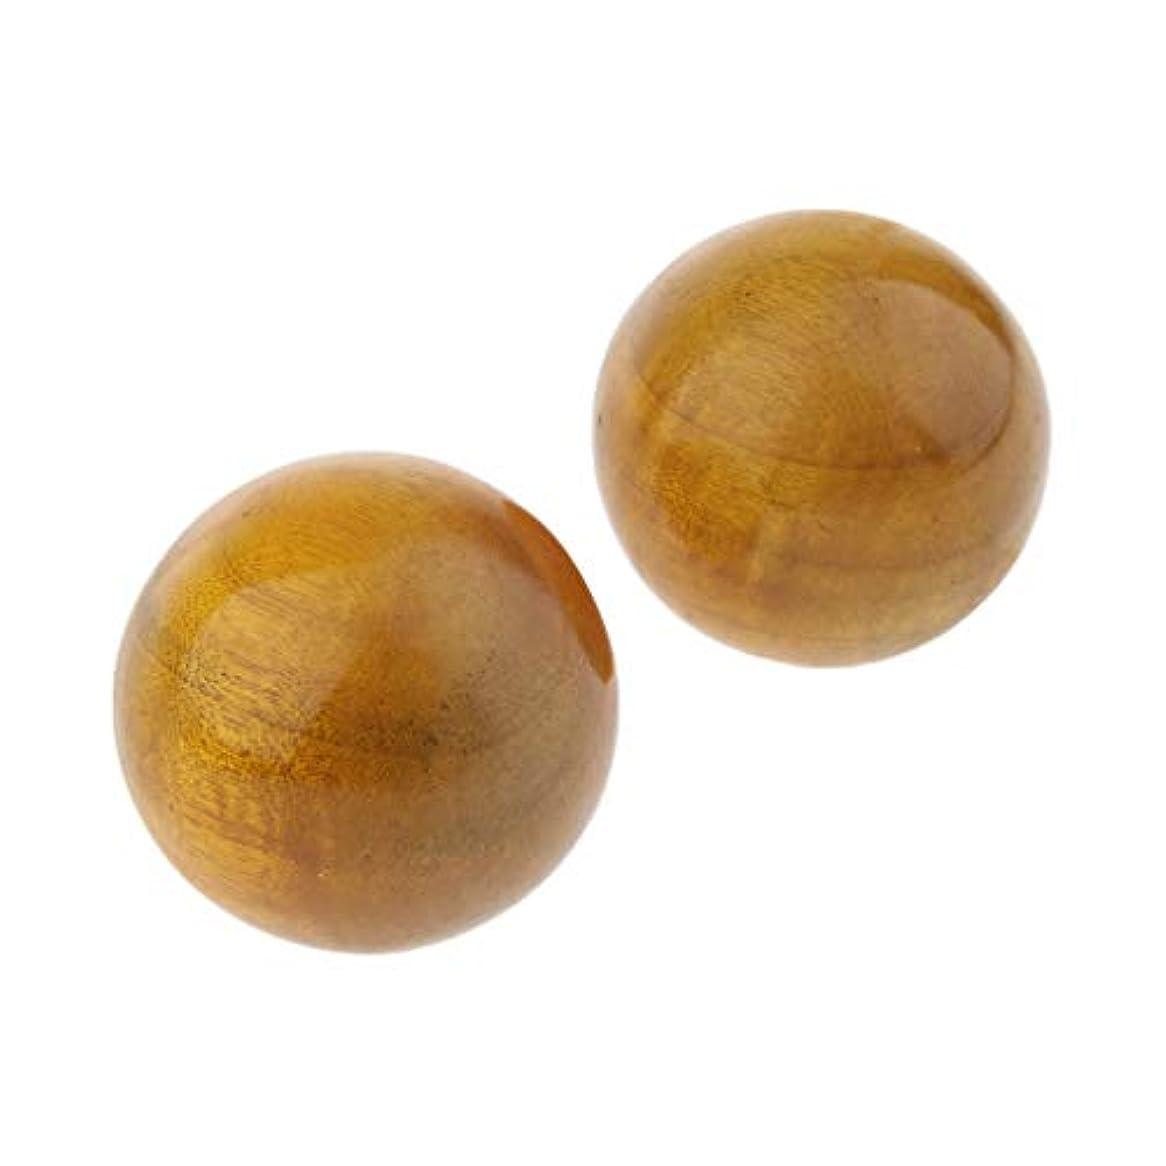 スカーフトラフ弾性Perfeclan 2個 ハンドマッサージボール フィットネス 木製 手のひら 運動マッサージ 保定ボール